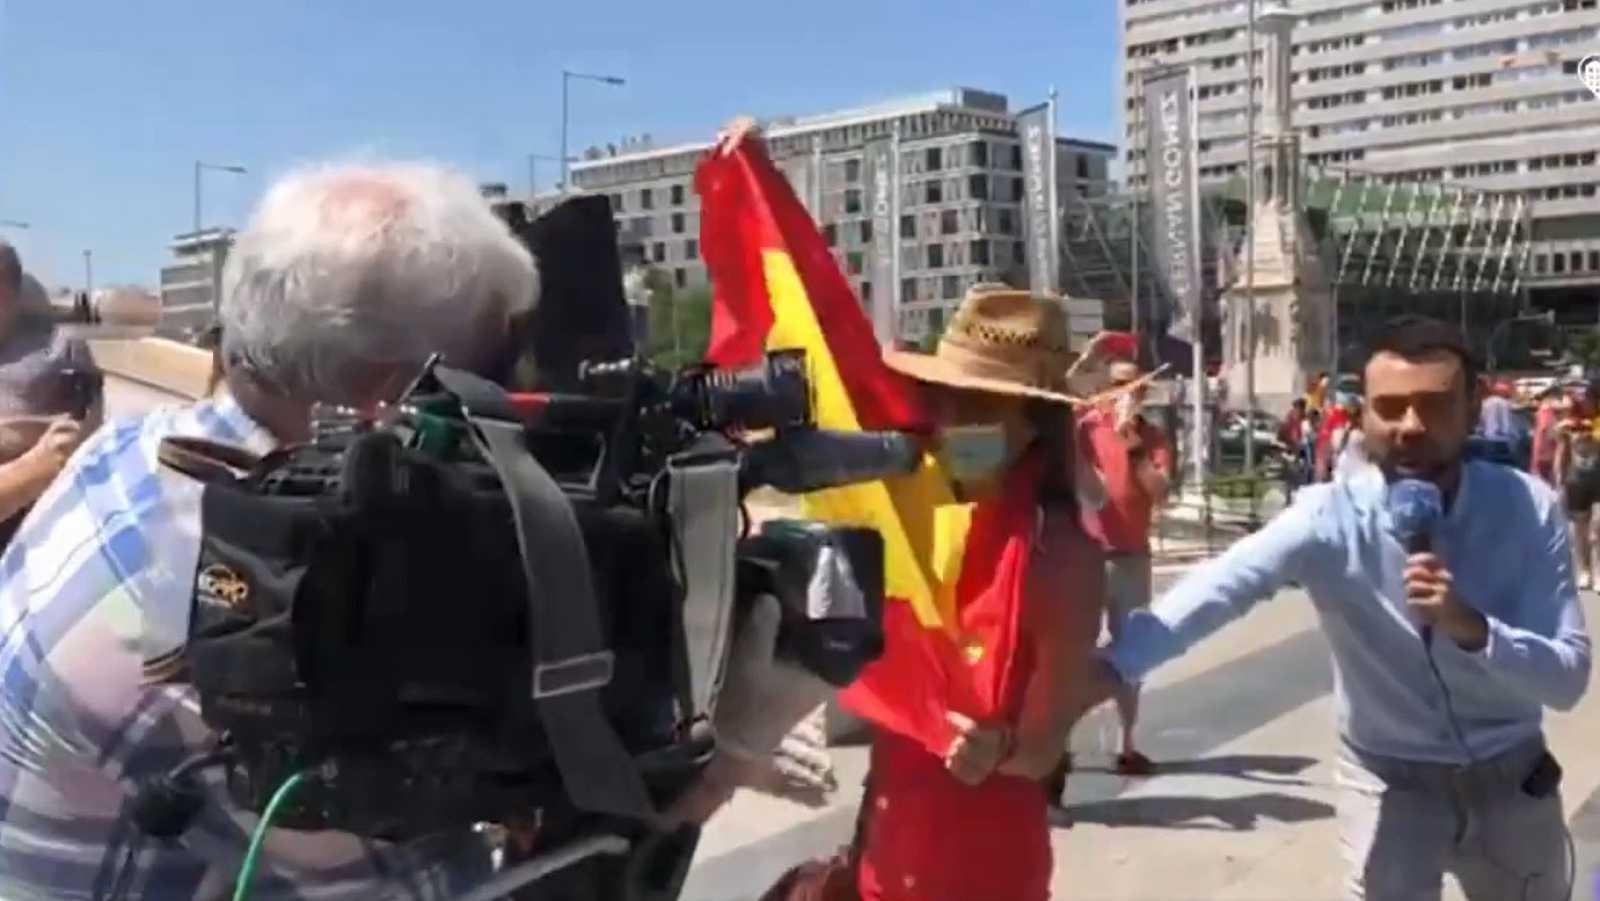 Varias personas impiden una conexión de TVE durante la manifestación de Vox en Madrid